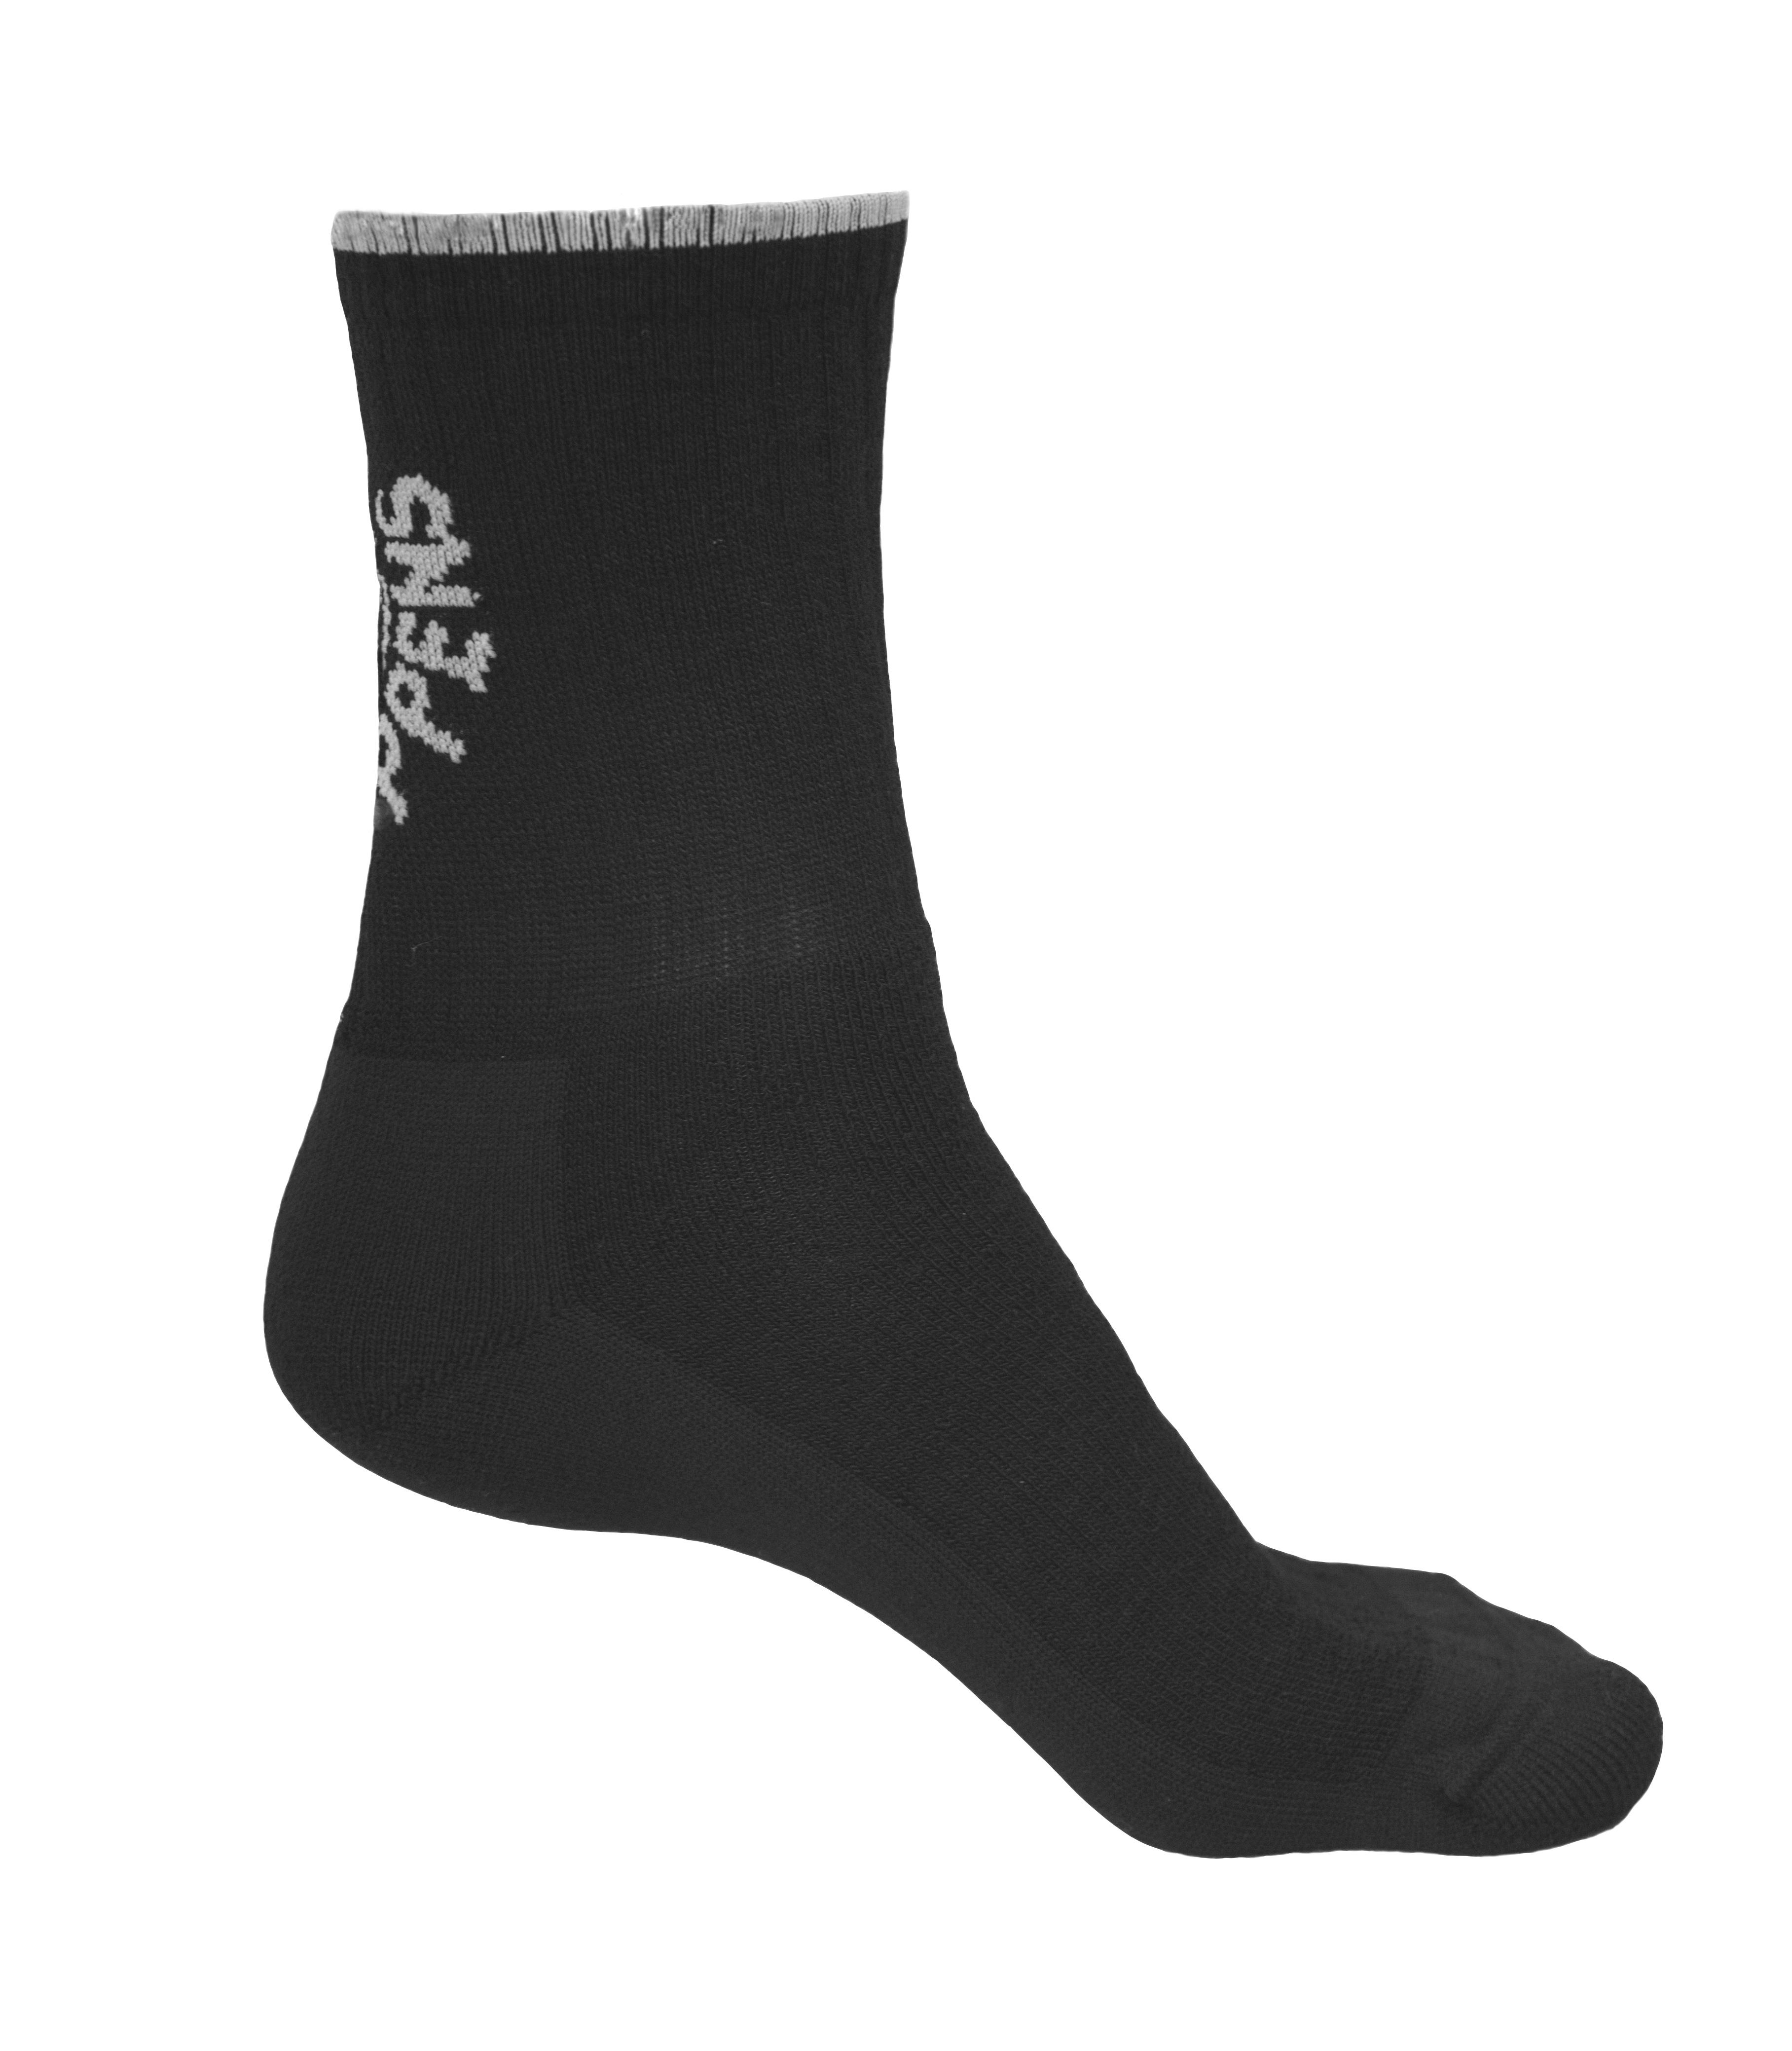 Froté ponožka Waterwalk z merino vlny - nesmeká se a má zpevněný celý spodek až nahoru ke speciálnímu lemu